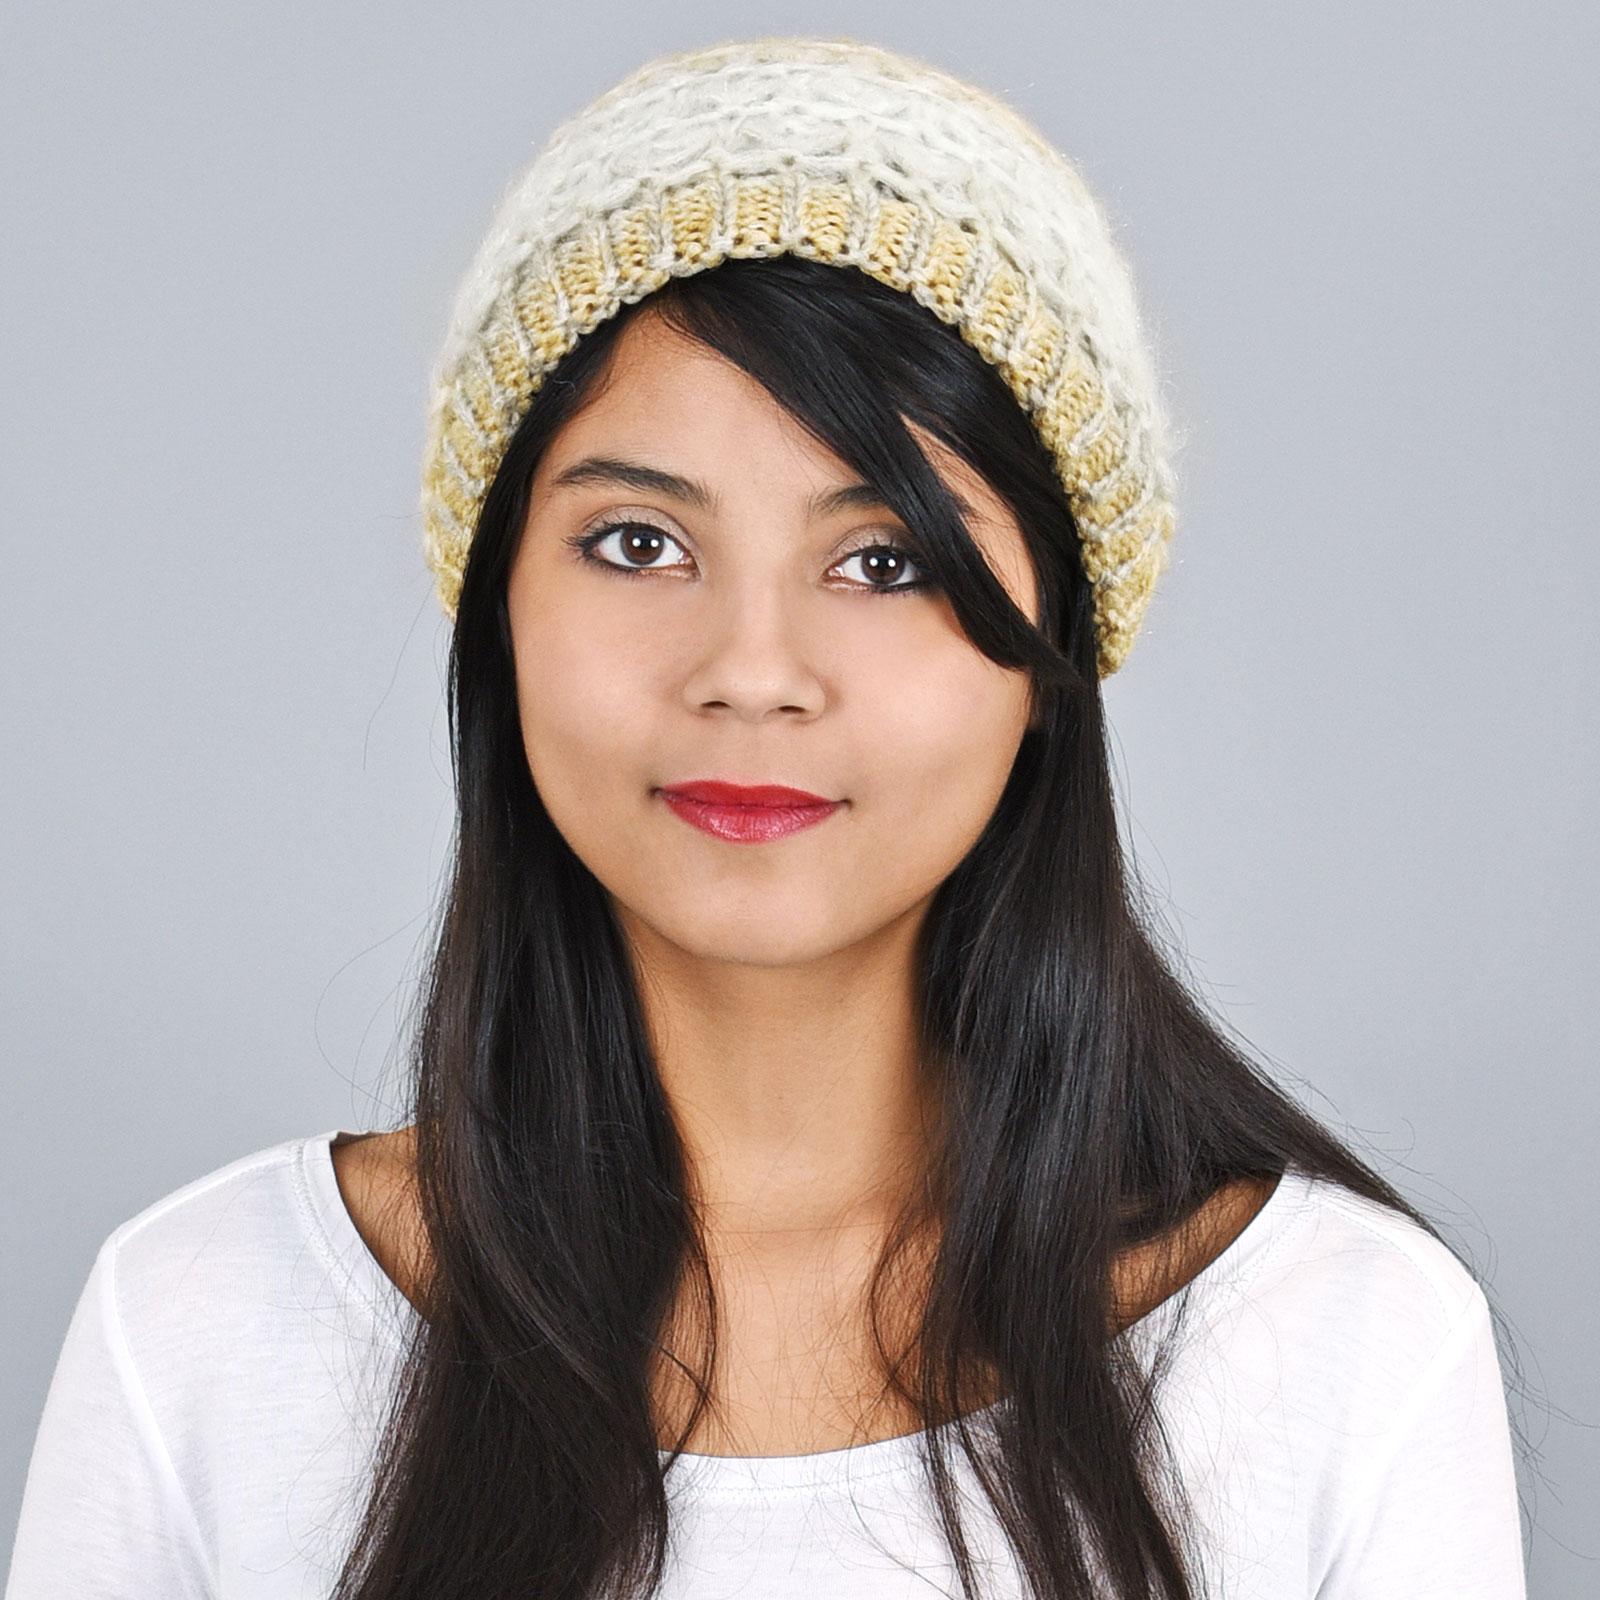 CP-00821-VF16-bonnet-femme-chaud-beige-gris